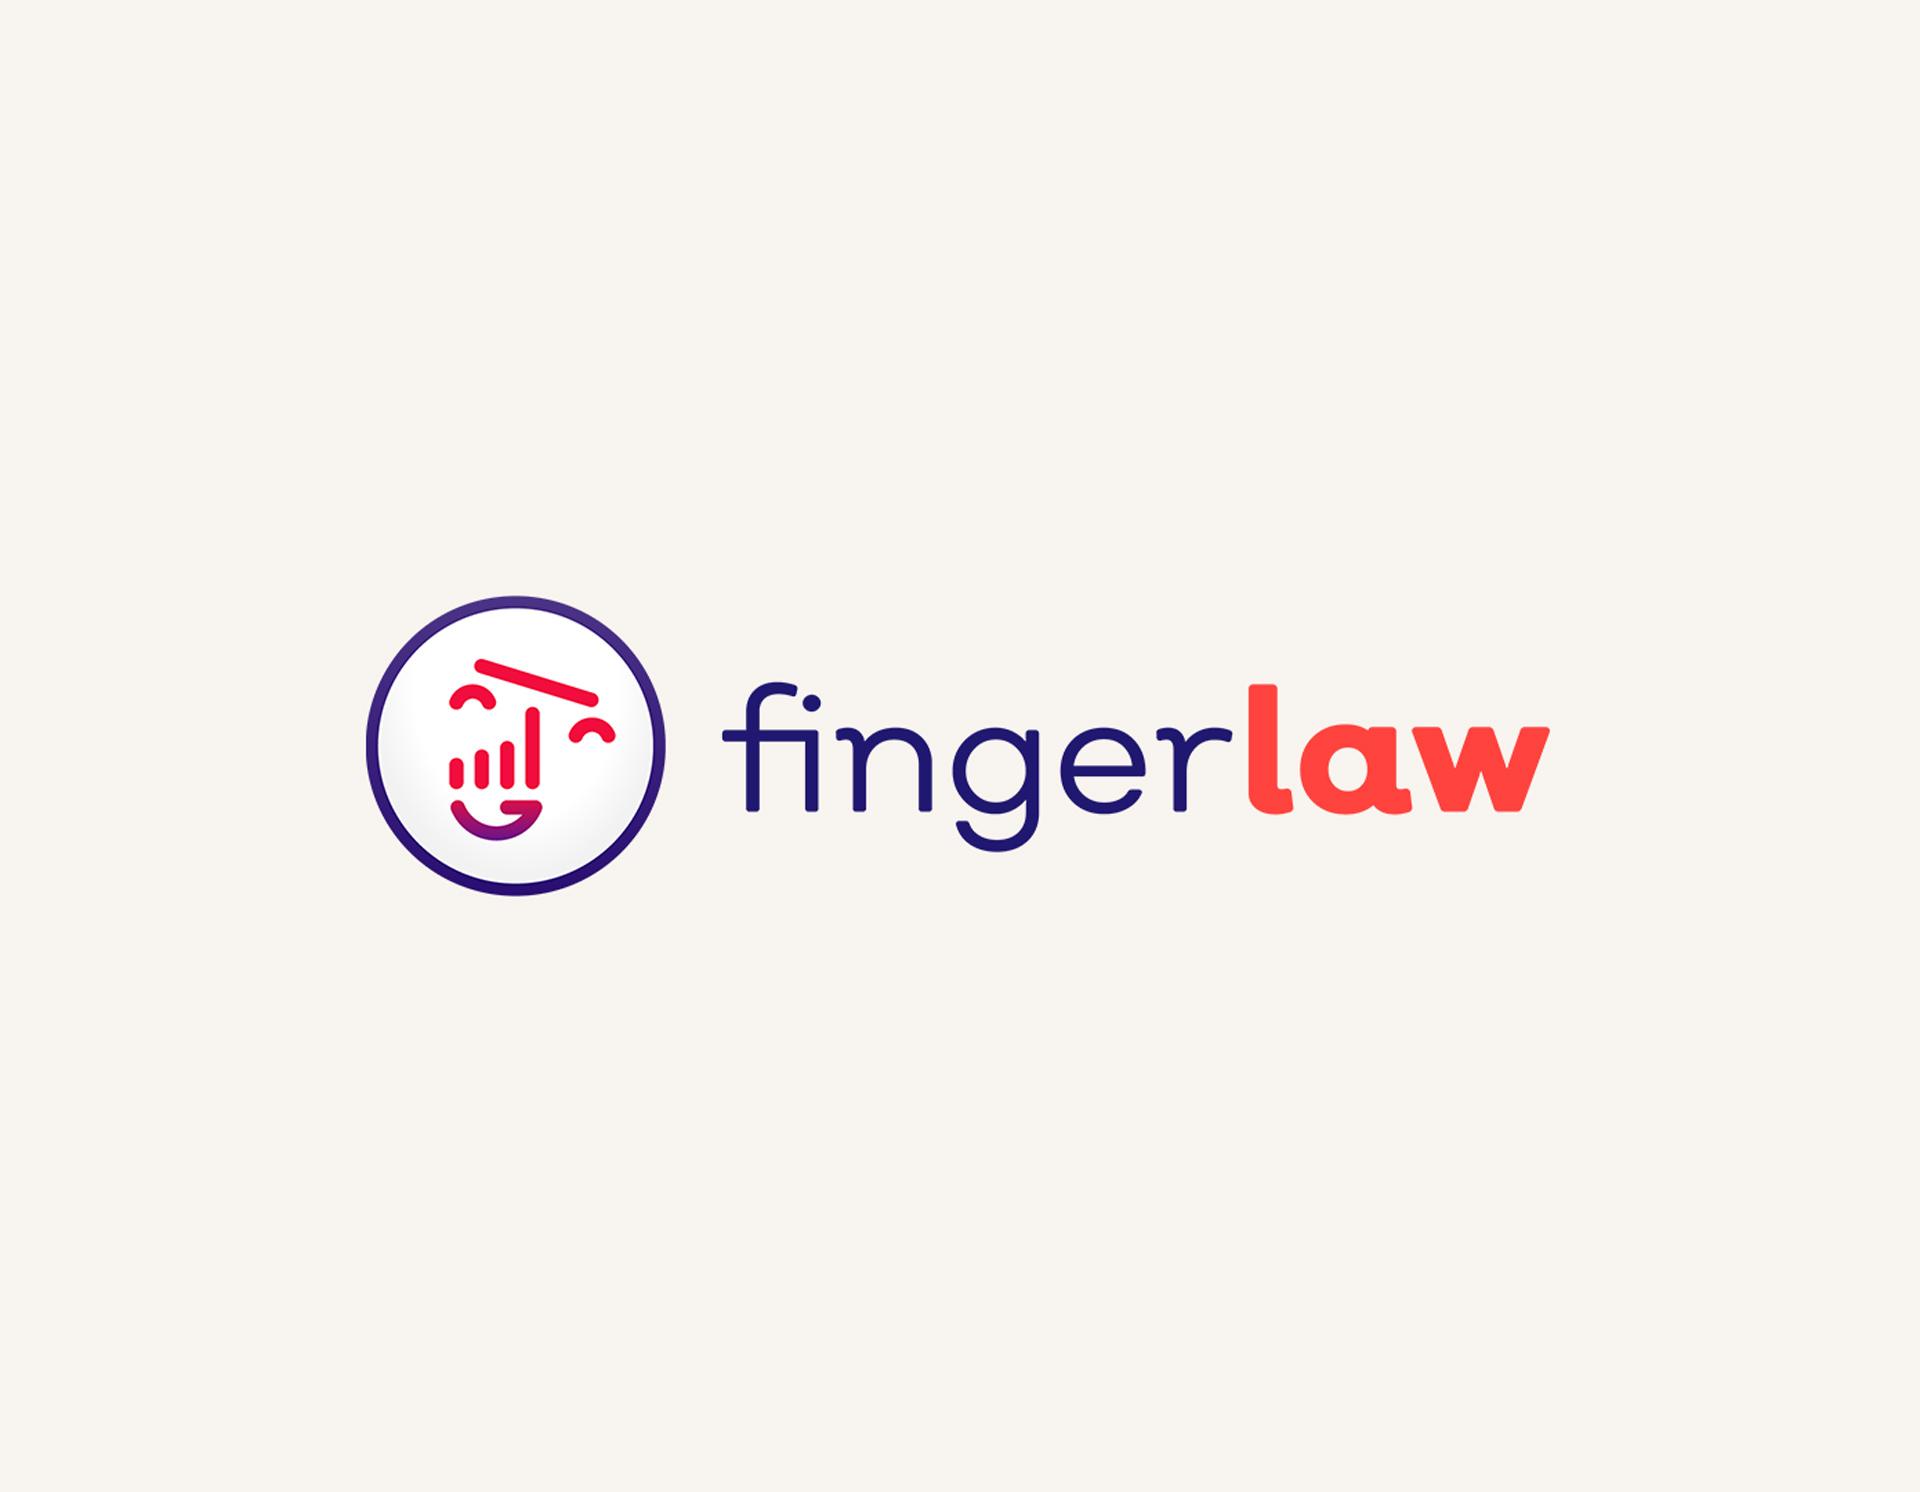 fingerlaw